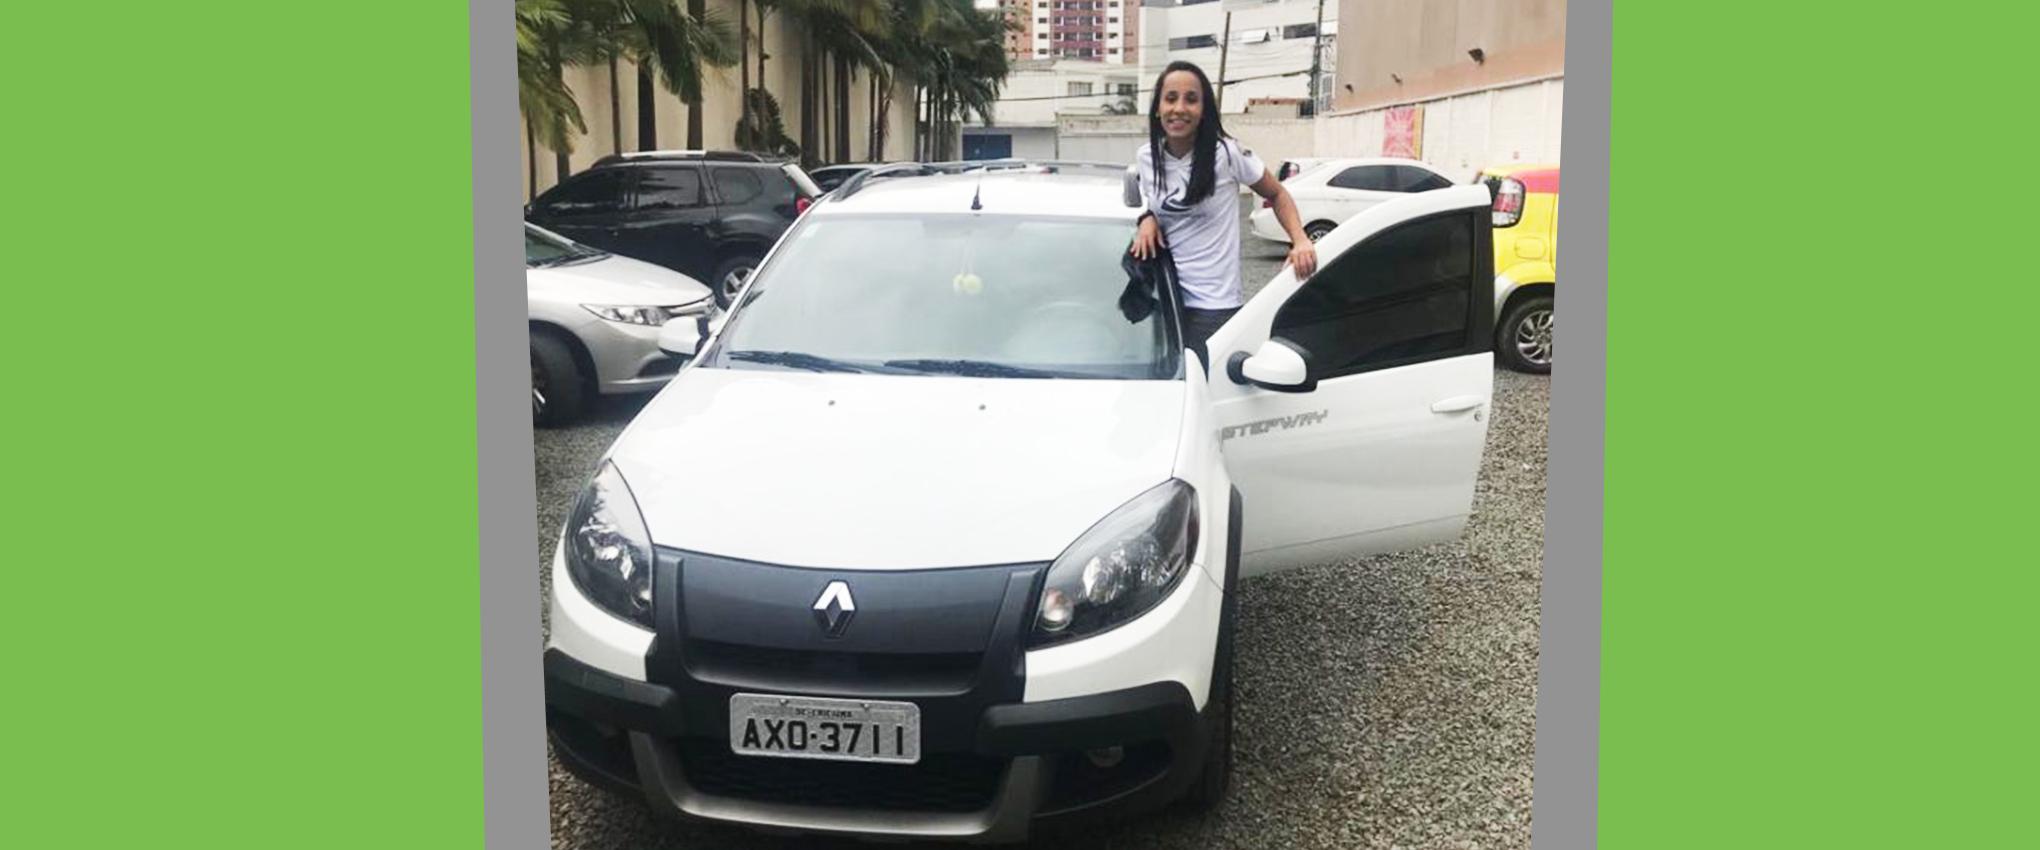 """""""Gastar com financiamento nunca mais!"""" – diz Débora Lourenço"""